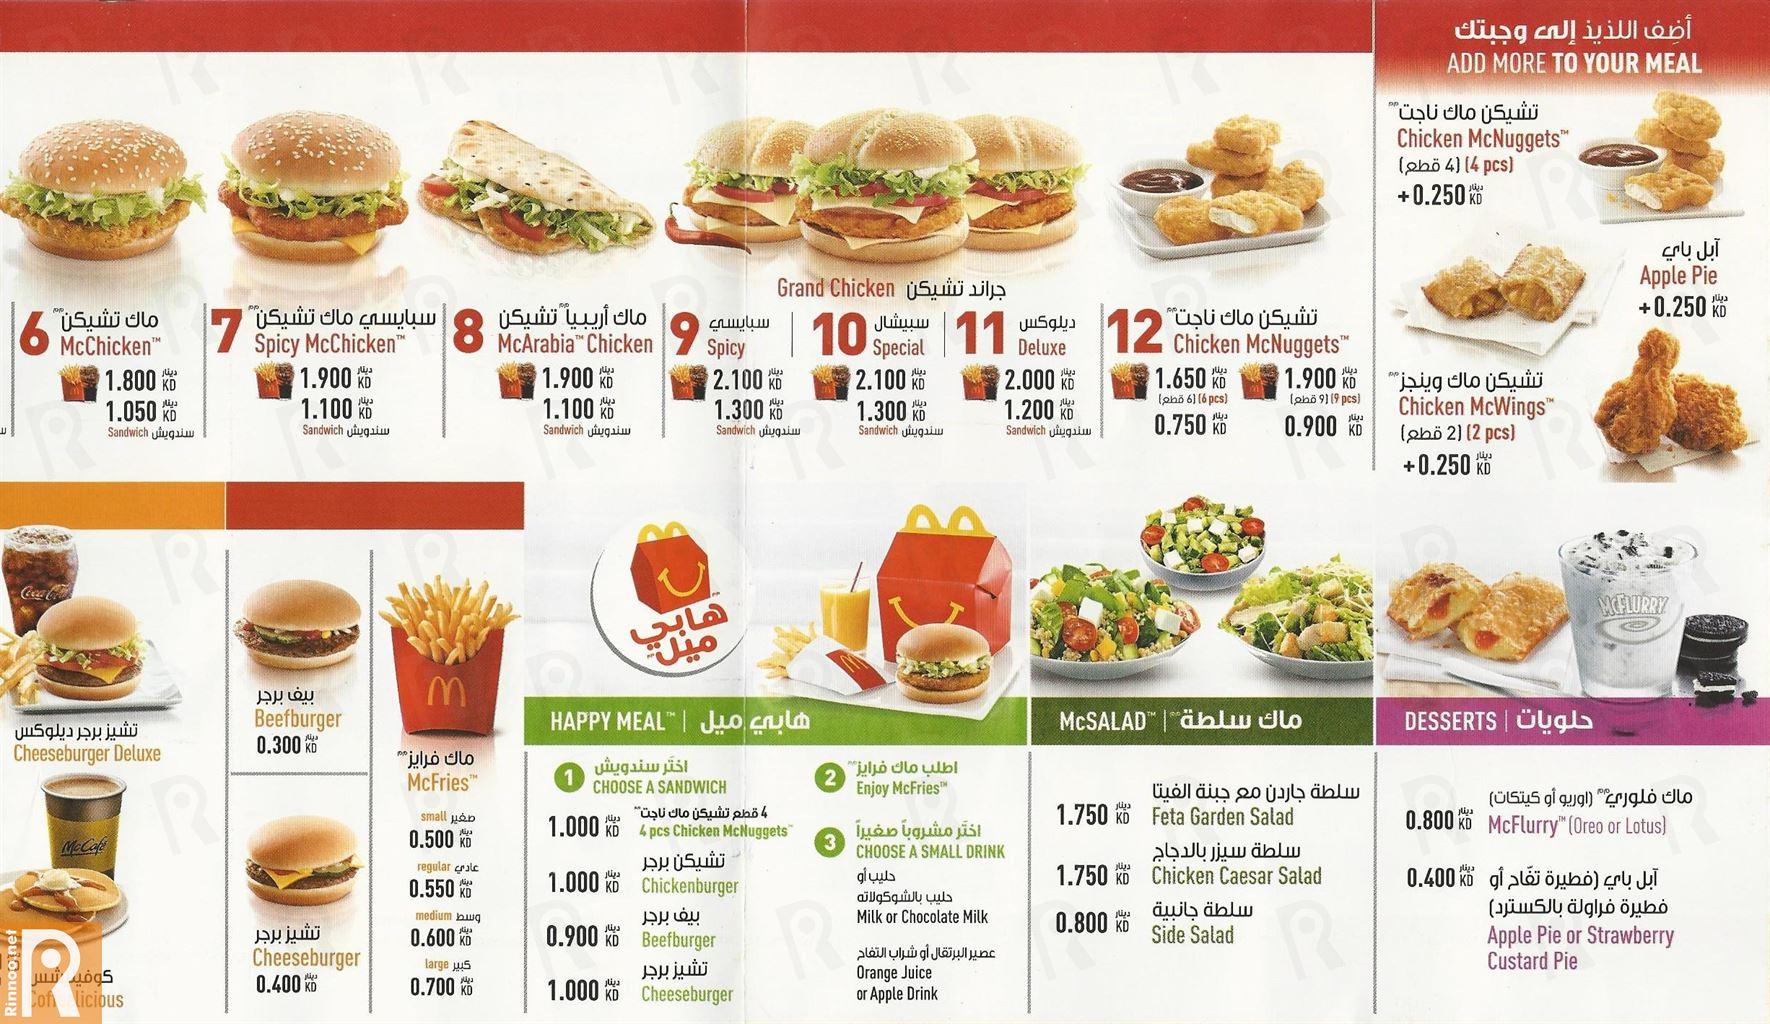 منيو ماكدونالدز السعودية الجديد بالصور والاسعار افضل المطاعم السعودية